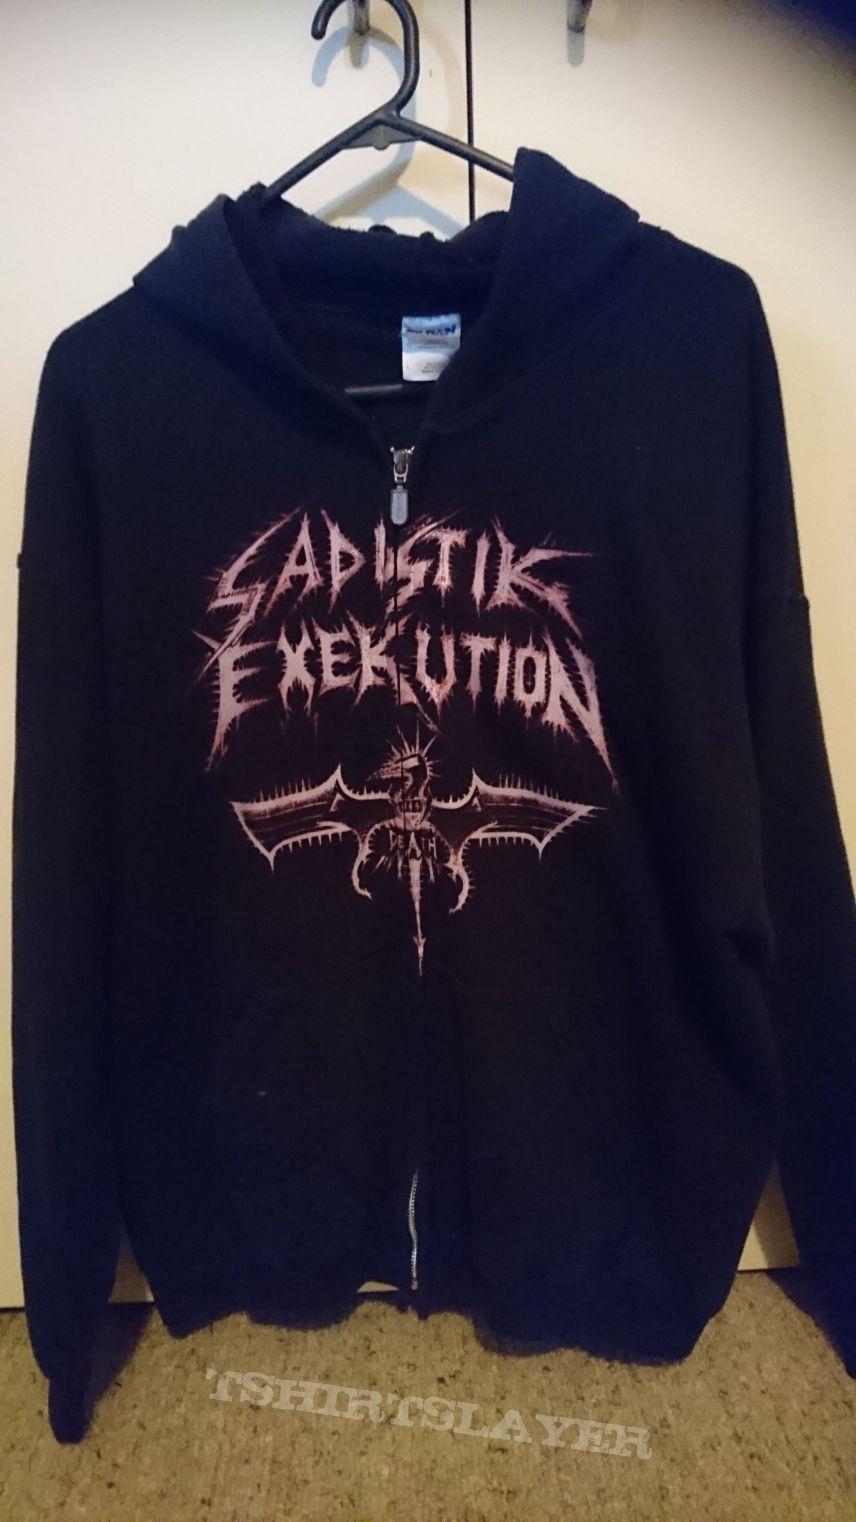 Sadistik exekution hoody